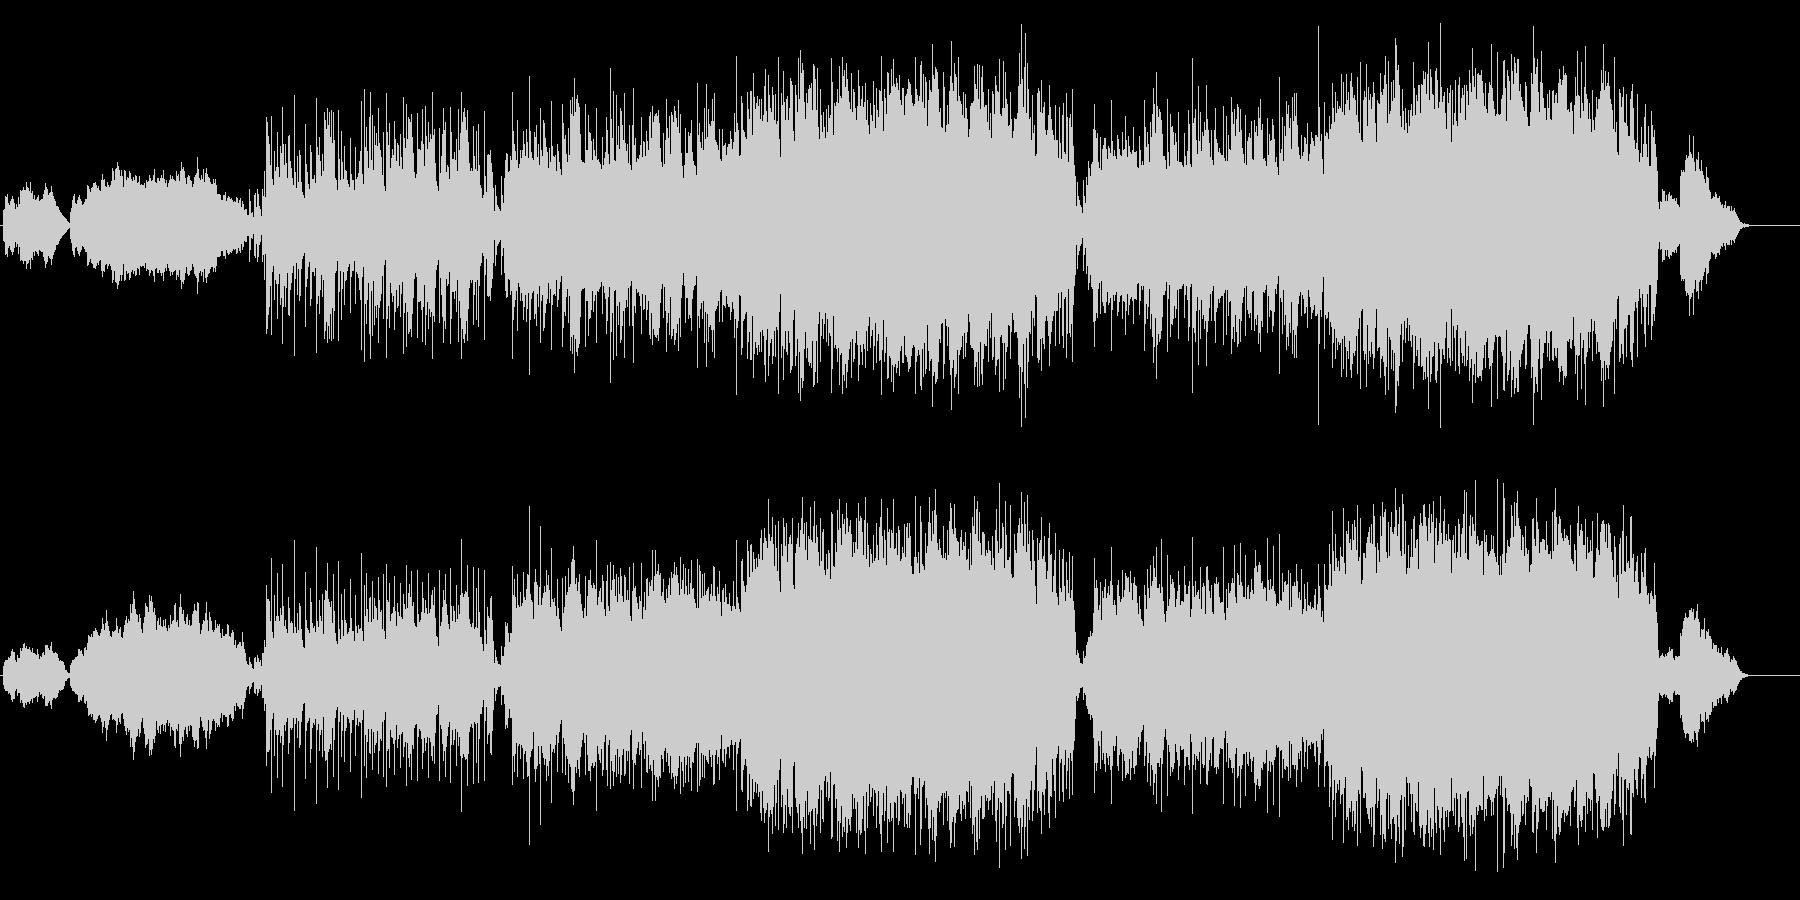 オーケストレーションの壮大なバラードの未再生の波形